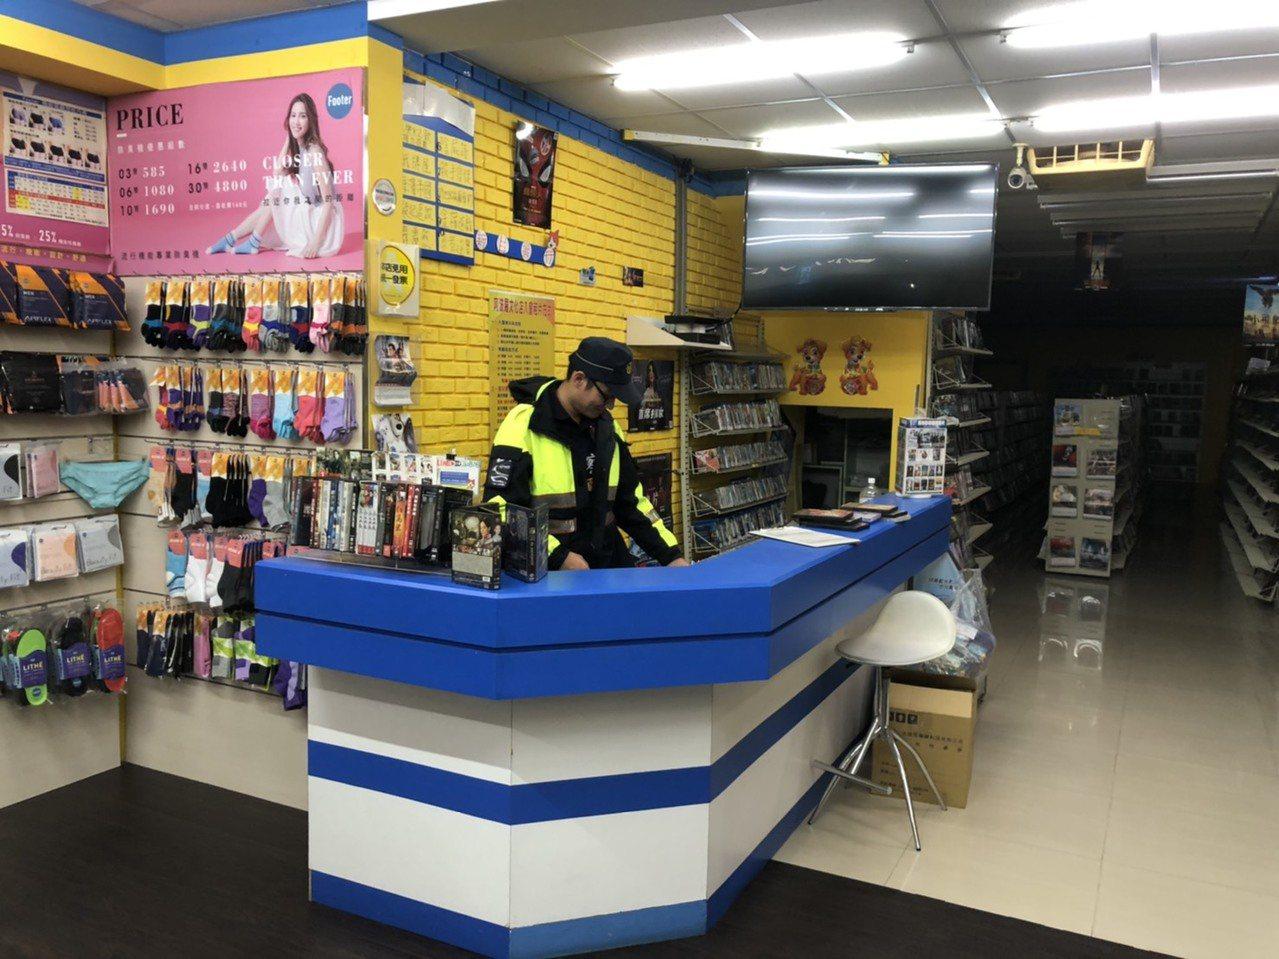 员警到场关心后,担心被宵小窃盗,干脆临时充当店员顾店,并协助联系老板娘回来关门。...